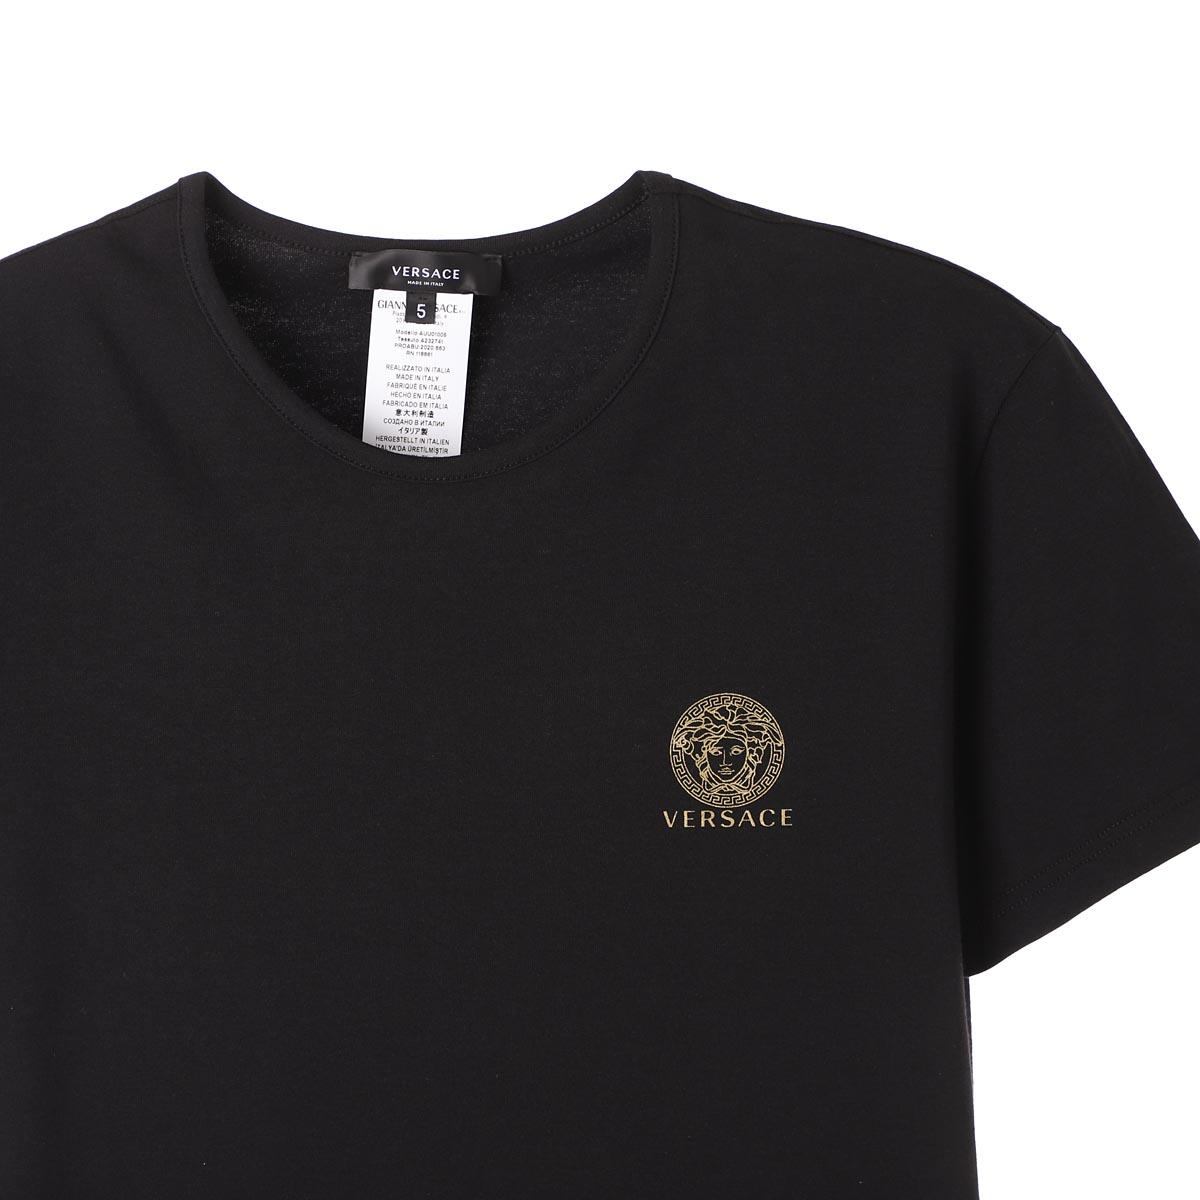 【アウトレット】VERSACE ヴェルサーチェ クルーネック Tシャツ 2枚セット【返品交換不可】